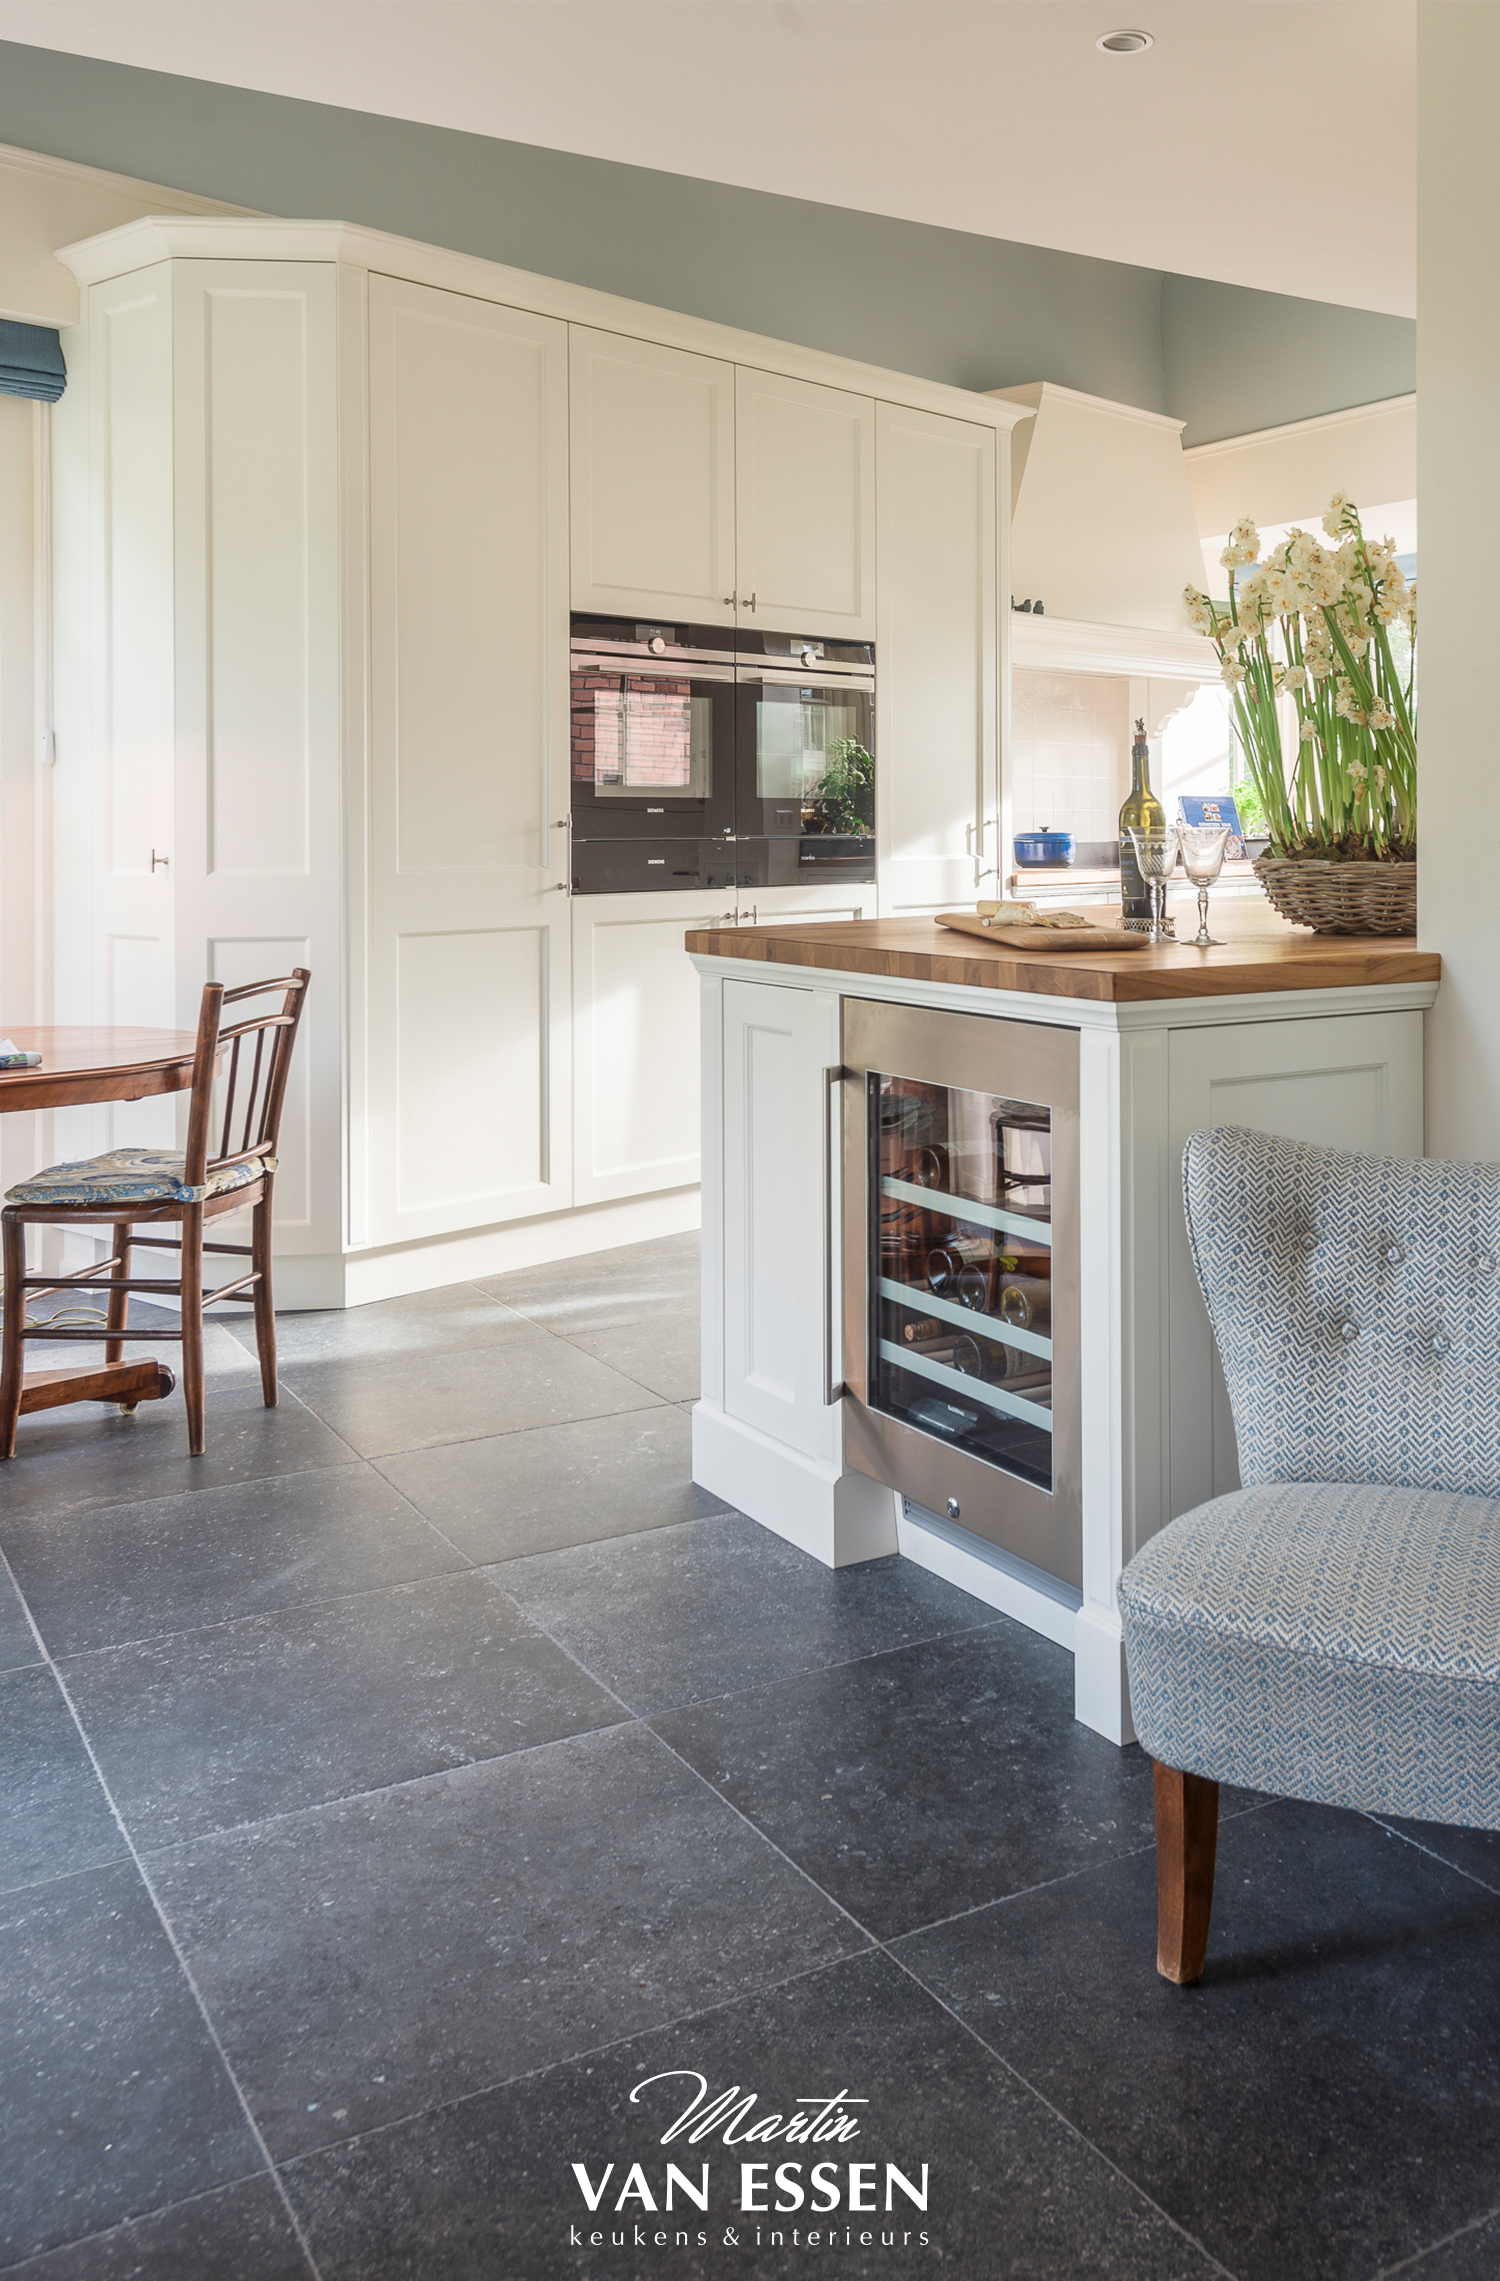 De landelijk moderne keuken van Martin van Essen kenmerkt zich door ...